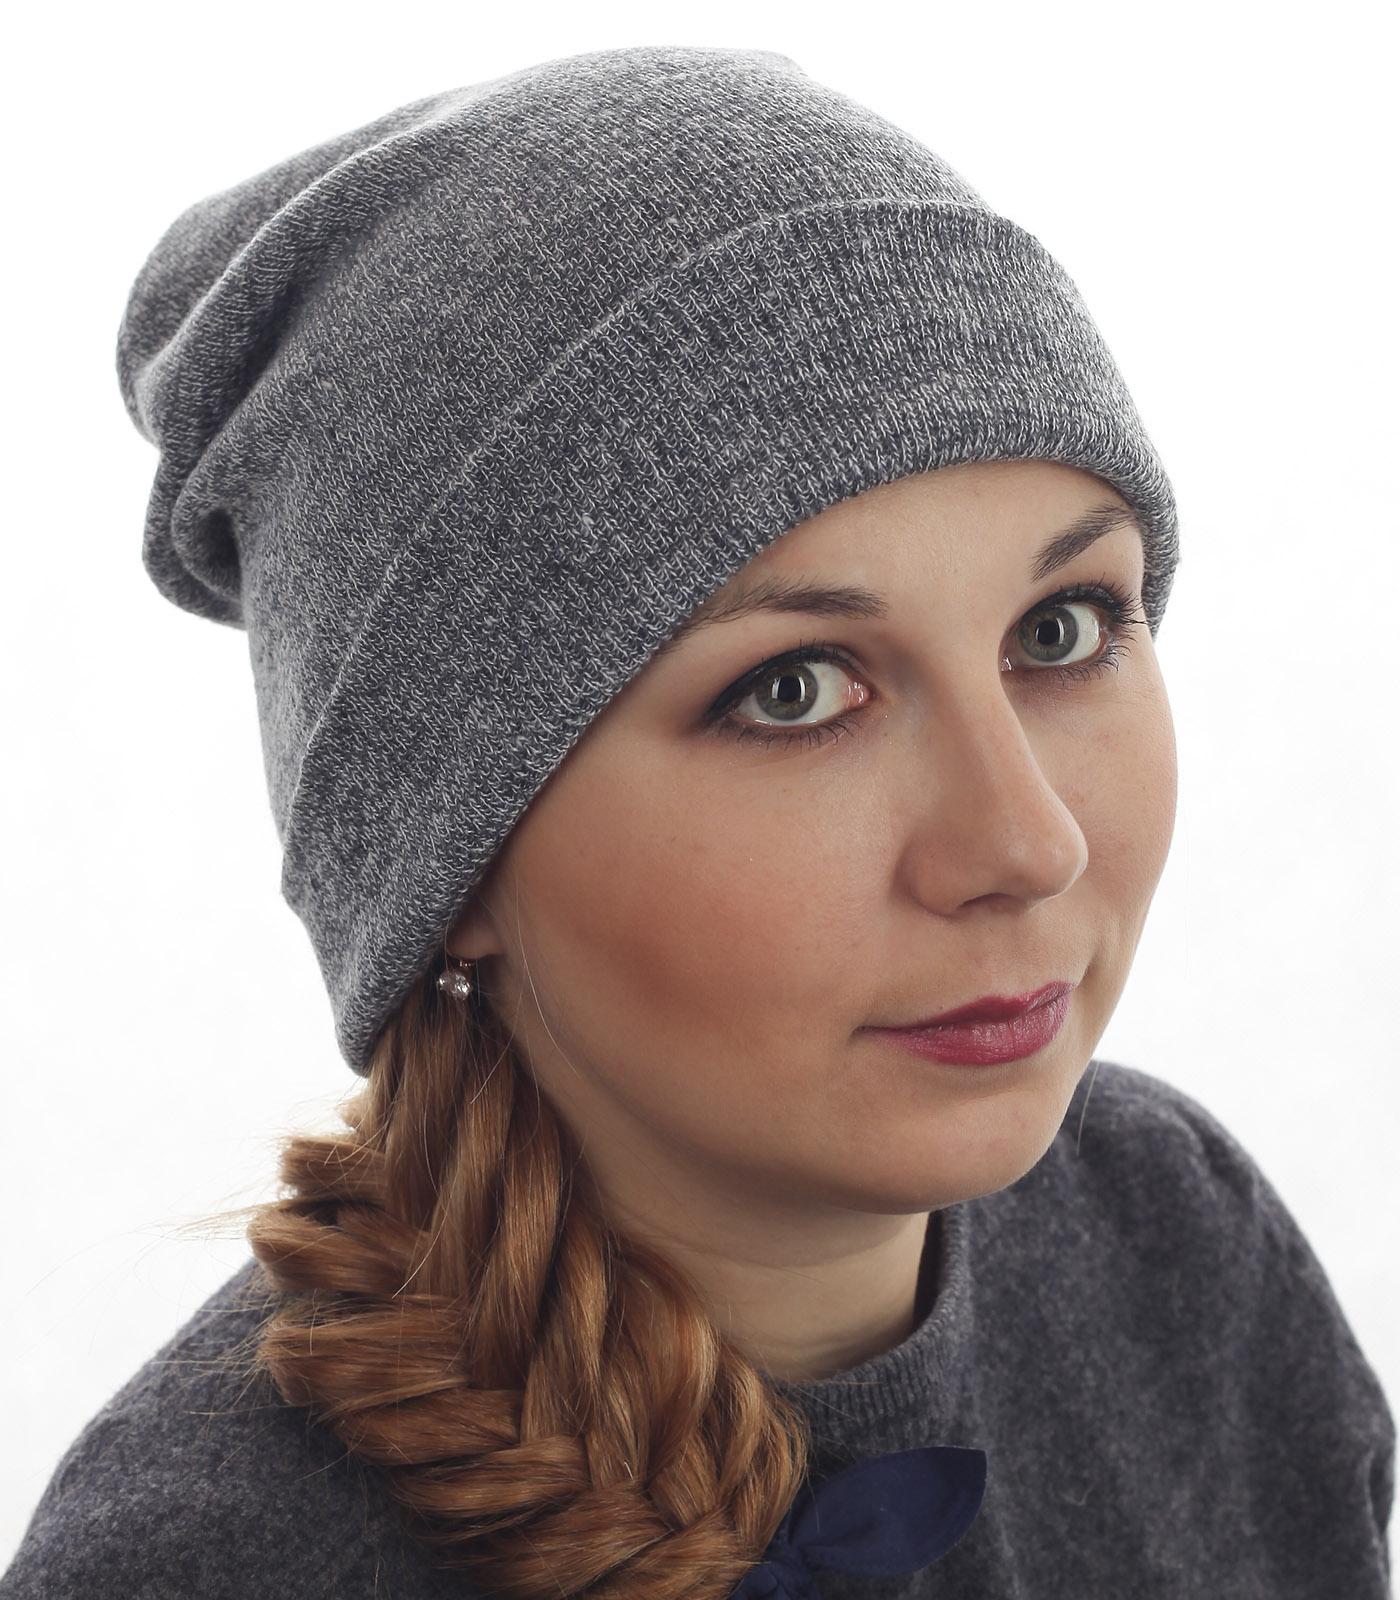 Женская шапка удлиненной формы. Модный дизайн, лаконичная модель с подворотом. Незаменима в гардеробе!